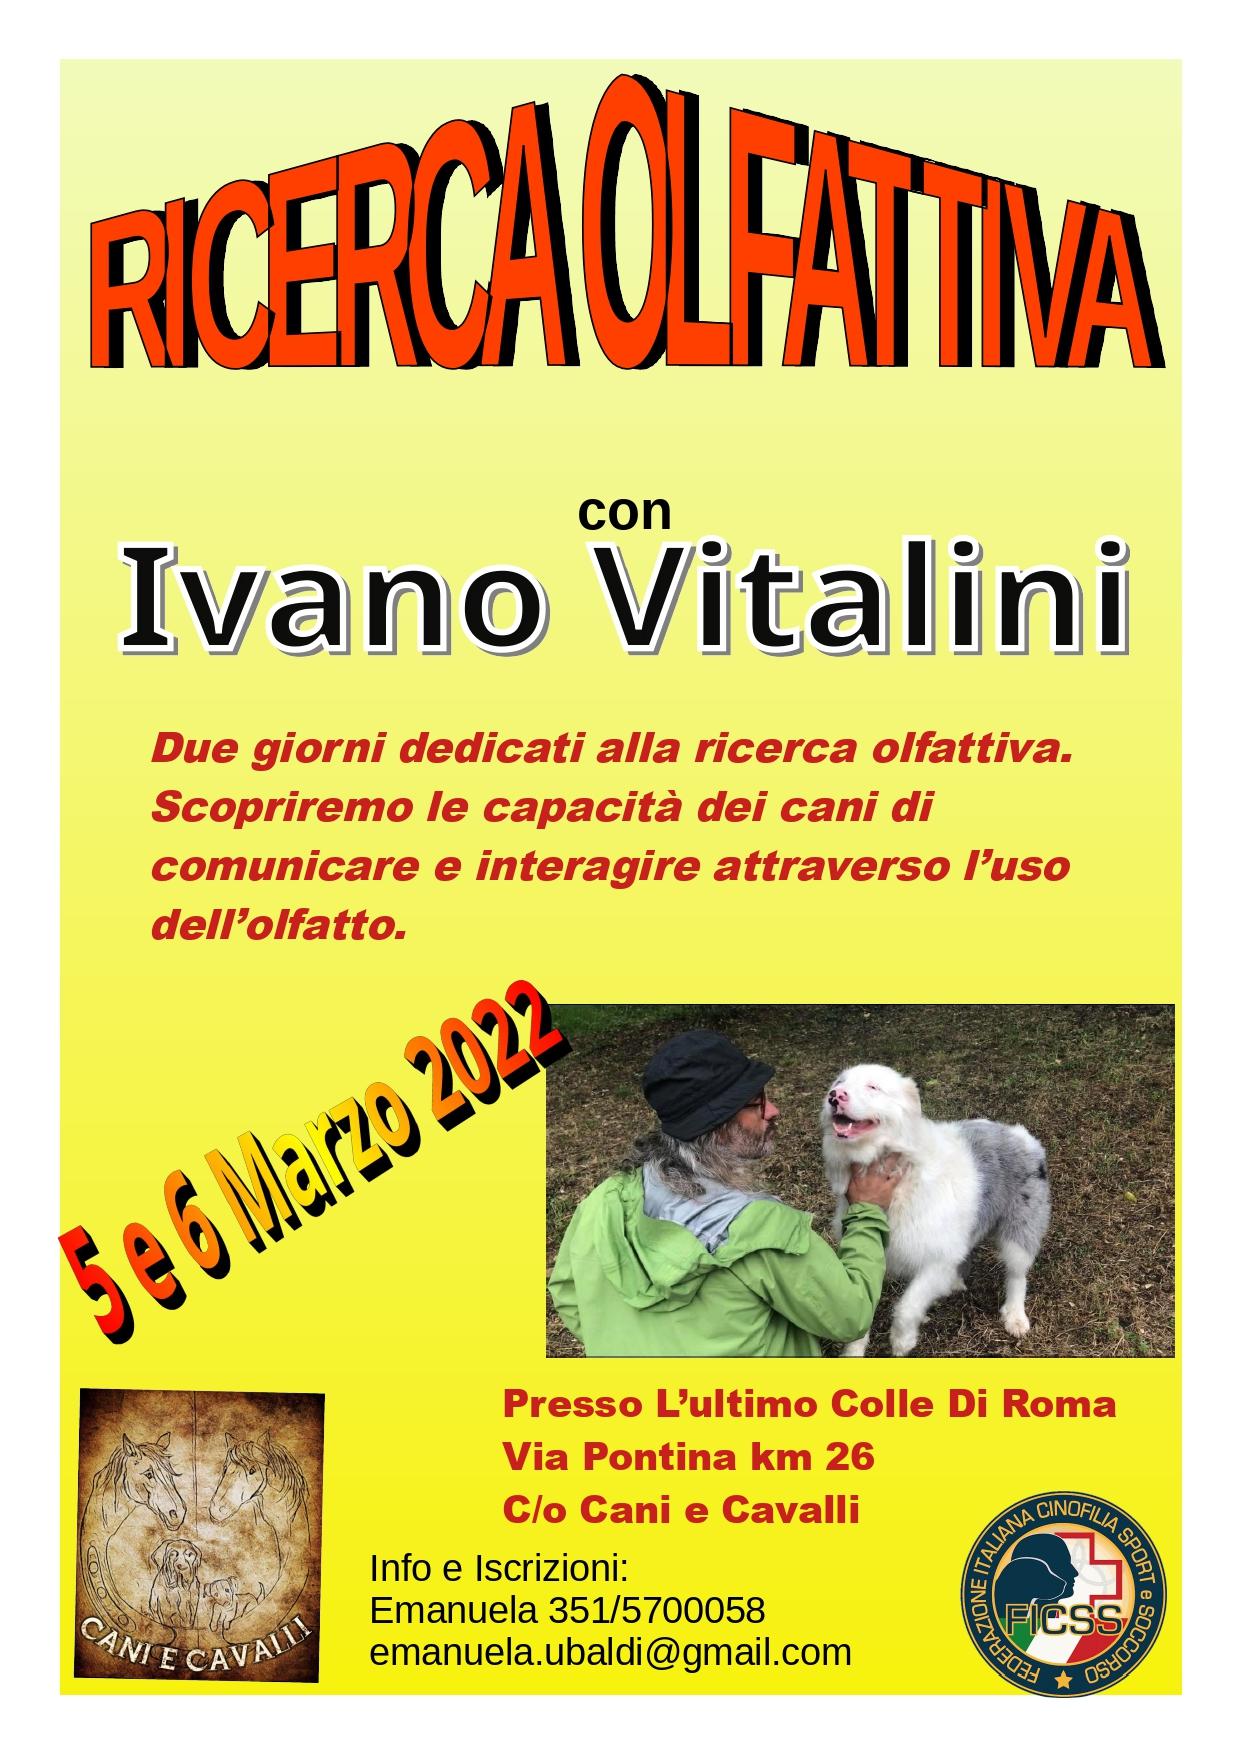 5 e 6 Marzo 2022 - Ricerca olfattiva ludica con Ivano Vitalini